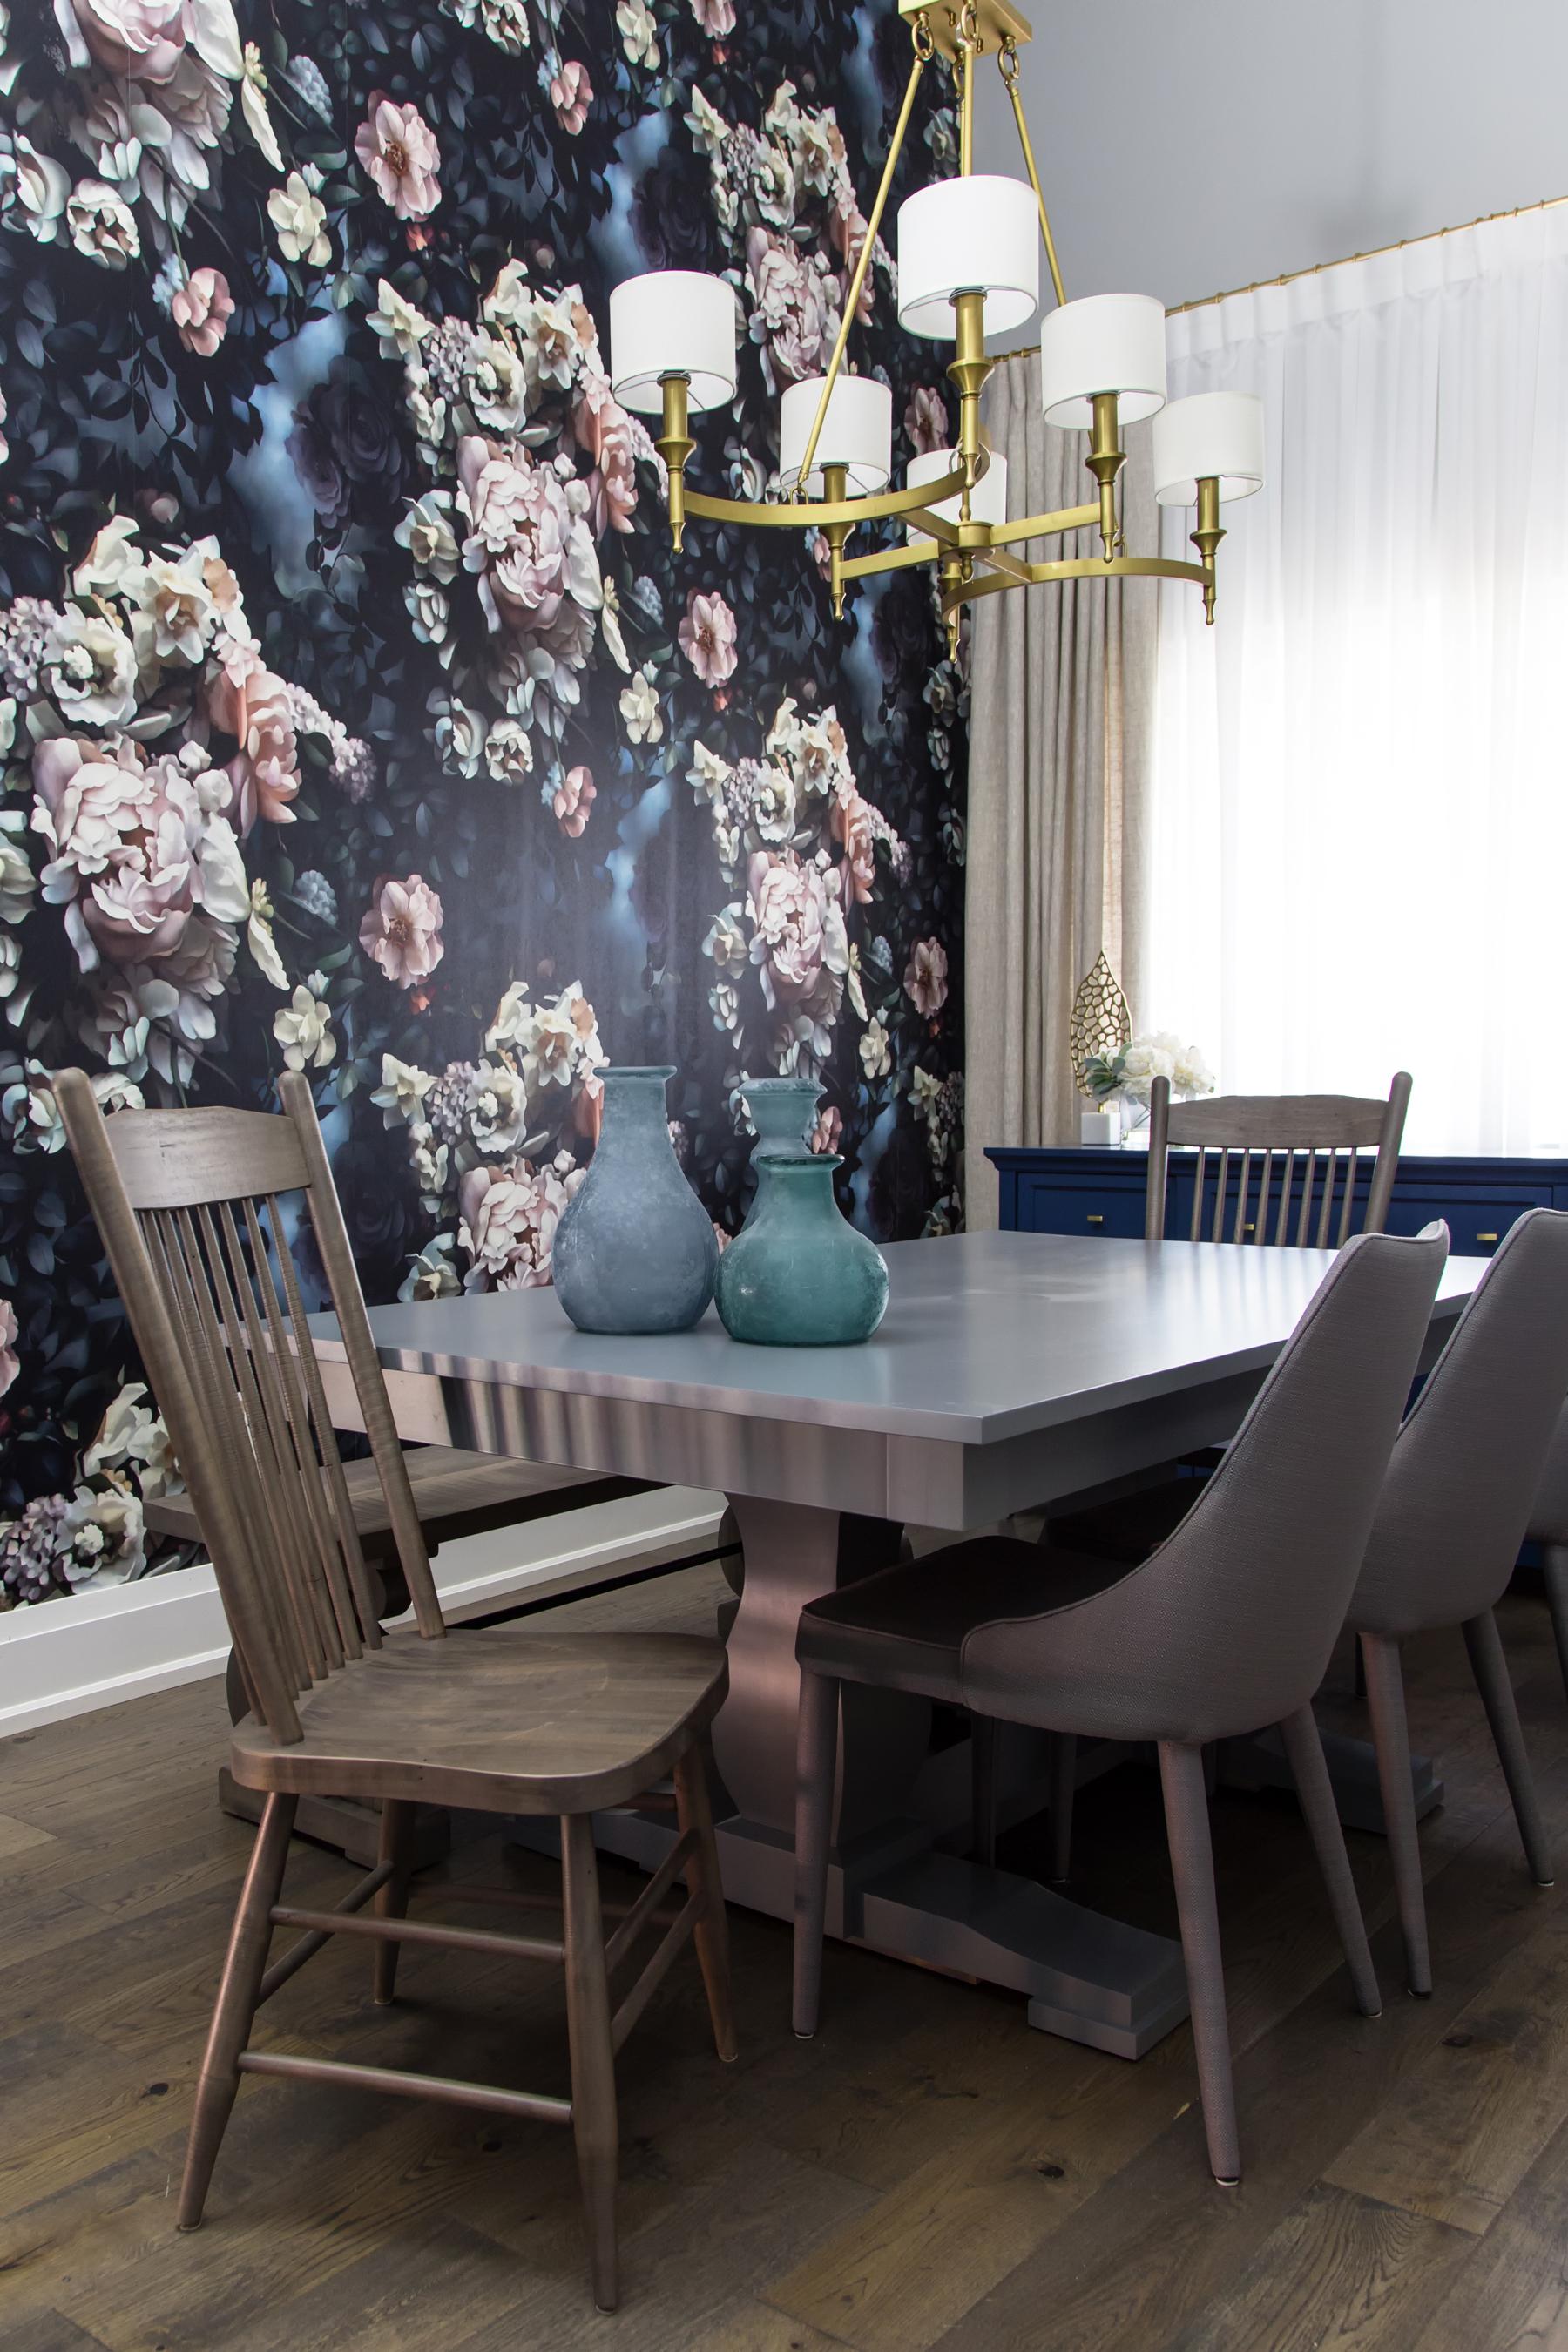 Ellie-Cashman-Floral-Wallpaper